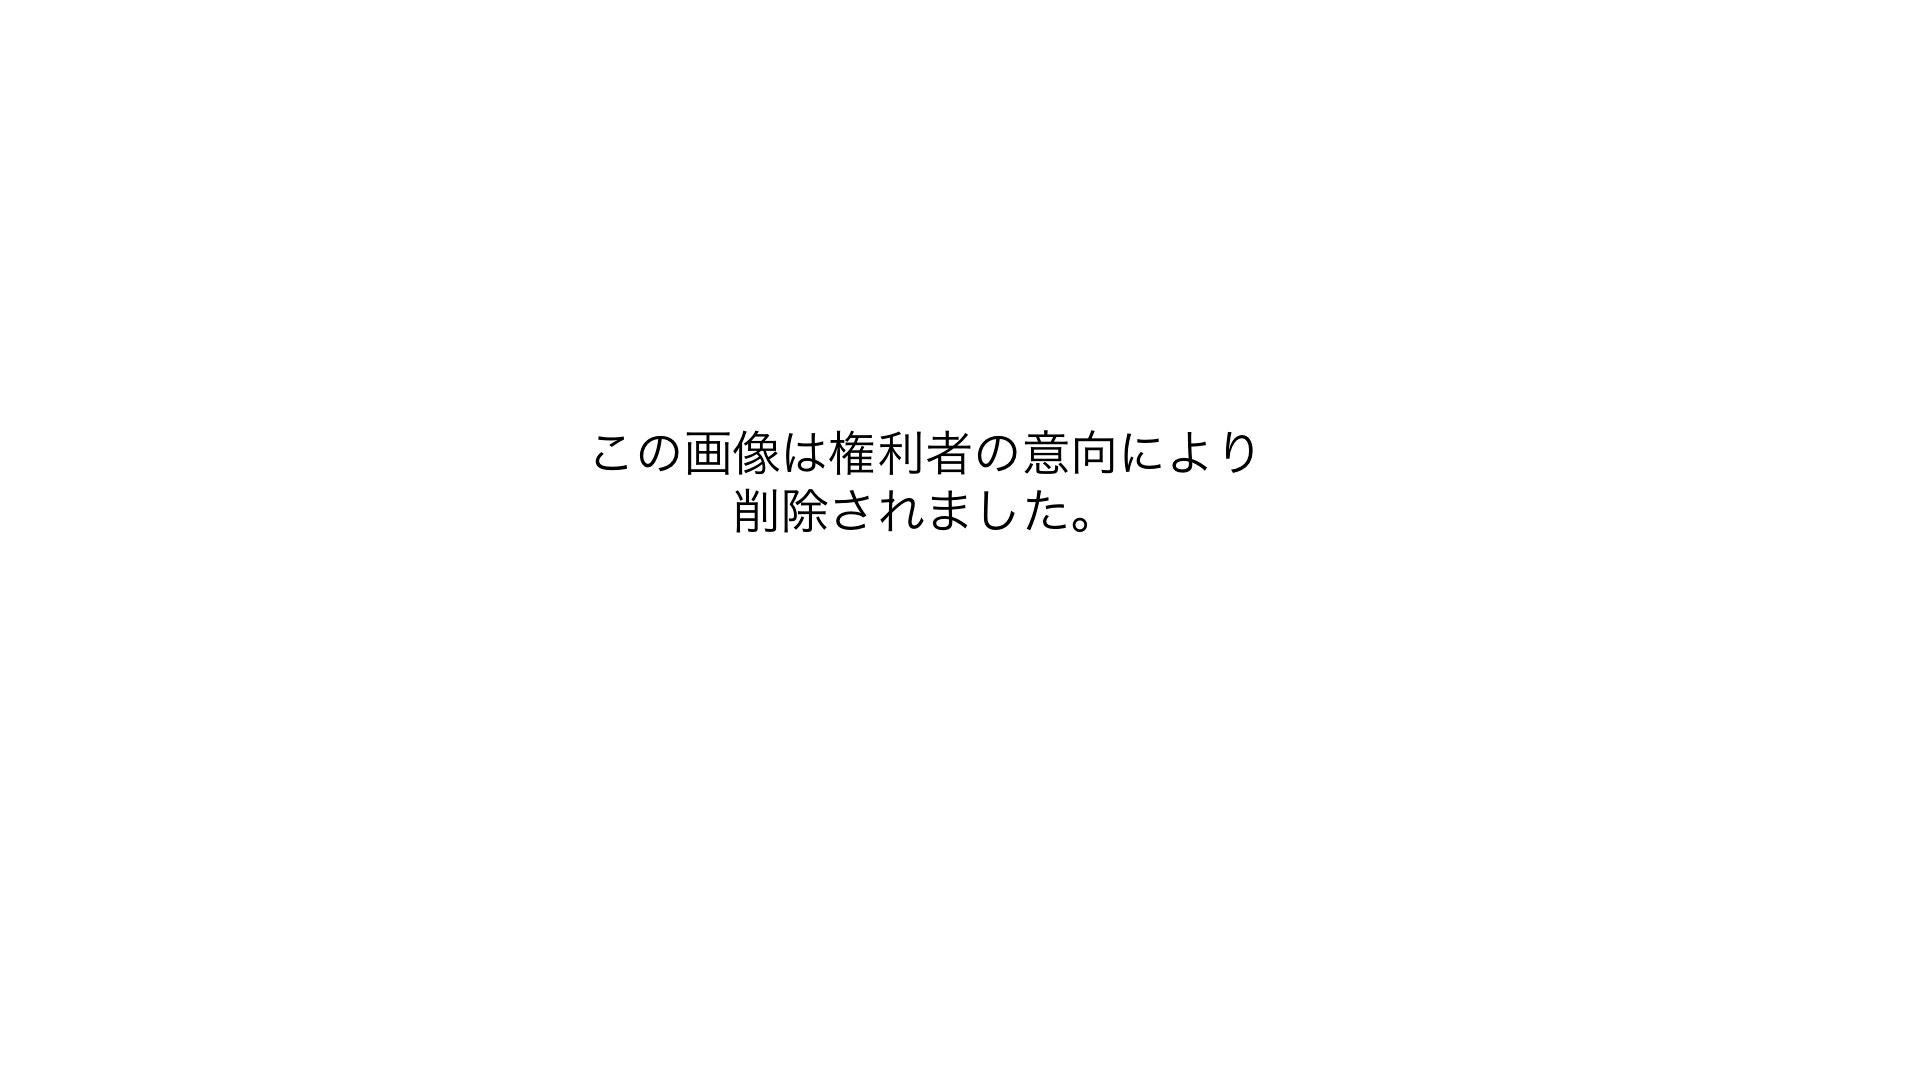 NYで働く日本人女性にスペシャルインタビュー!〜ファッション業界編〜